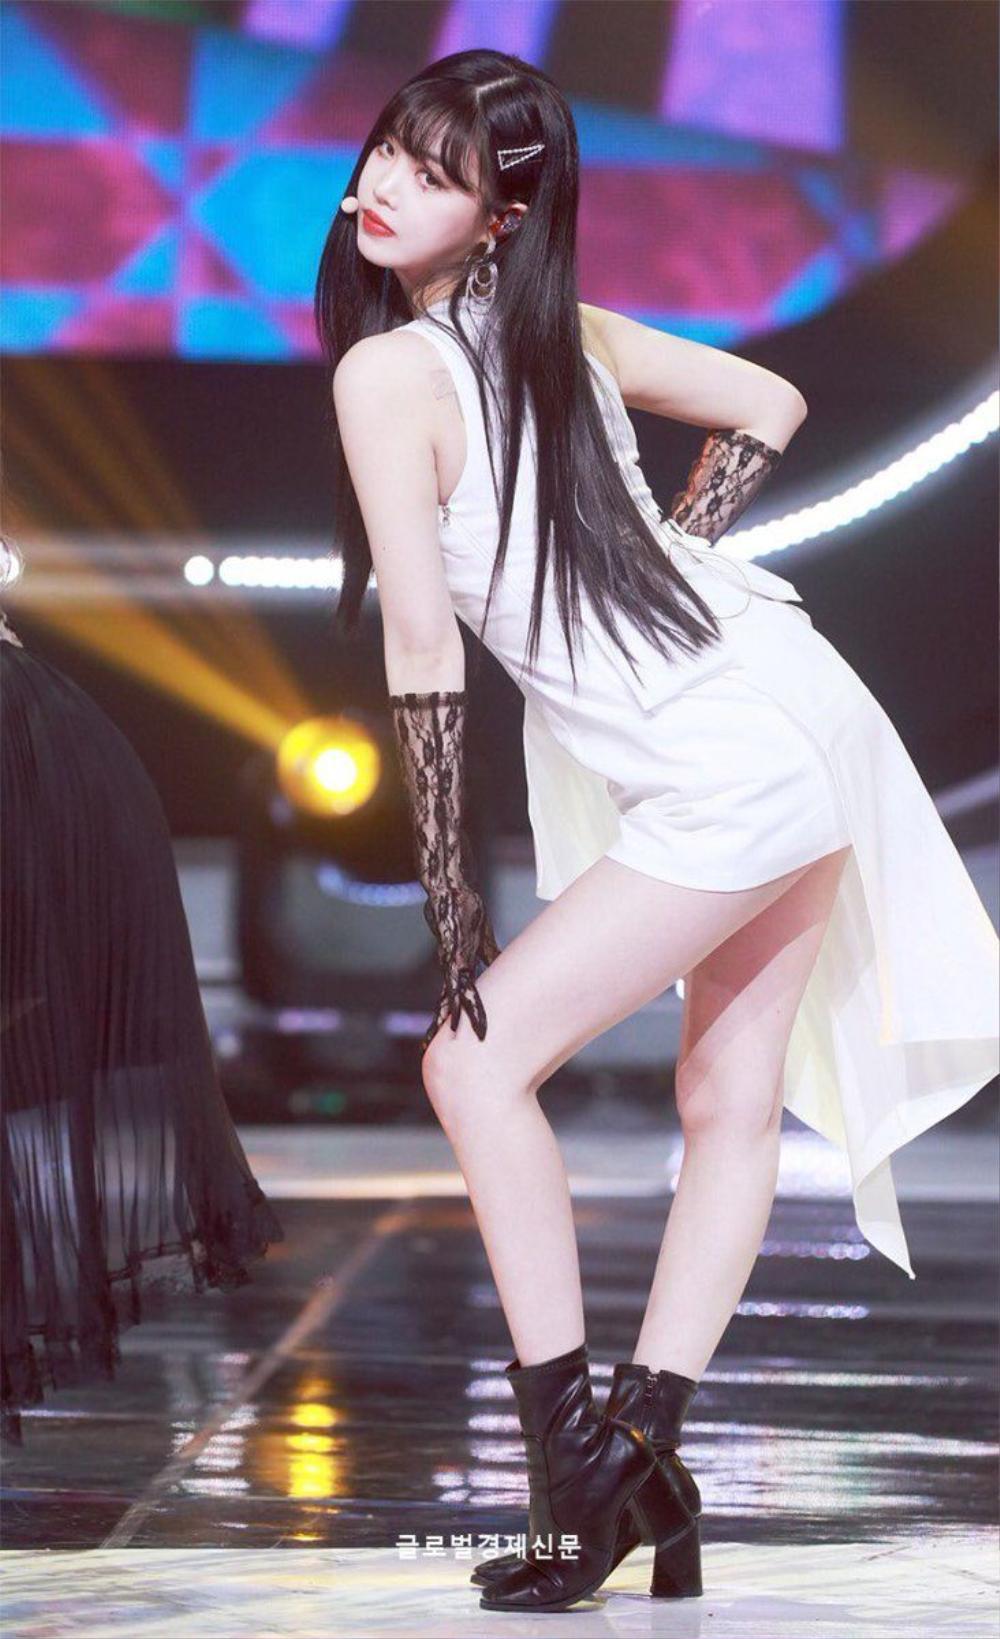 10 nữ idol K-Pop được các lesbian Hàn yêu thích nhất: Hạng 1 có khiến bạn bất ngờ? Ảnh 4